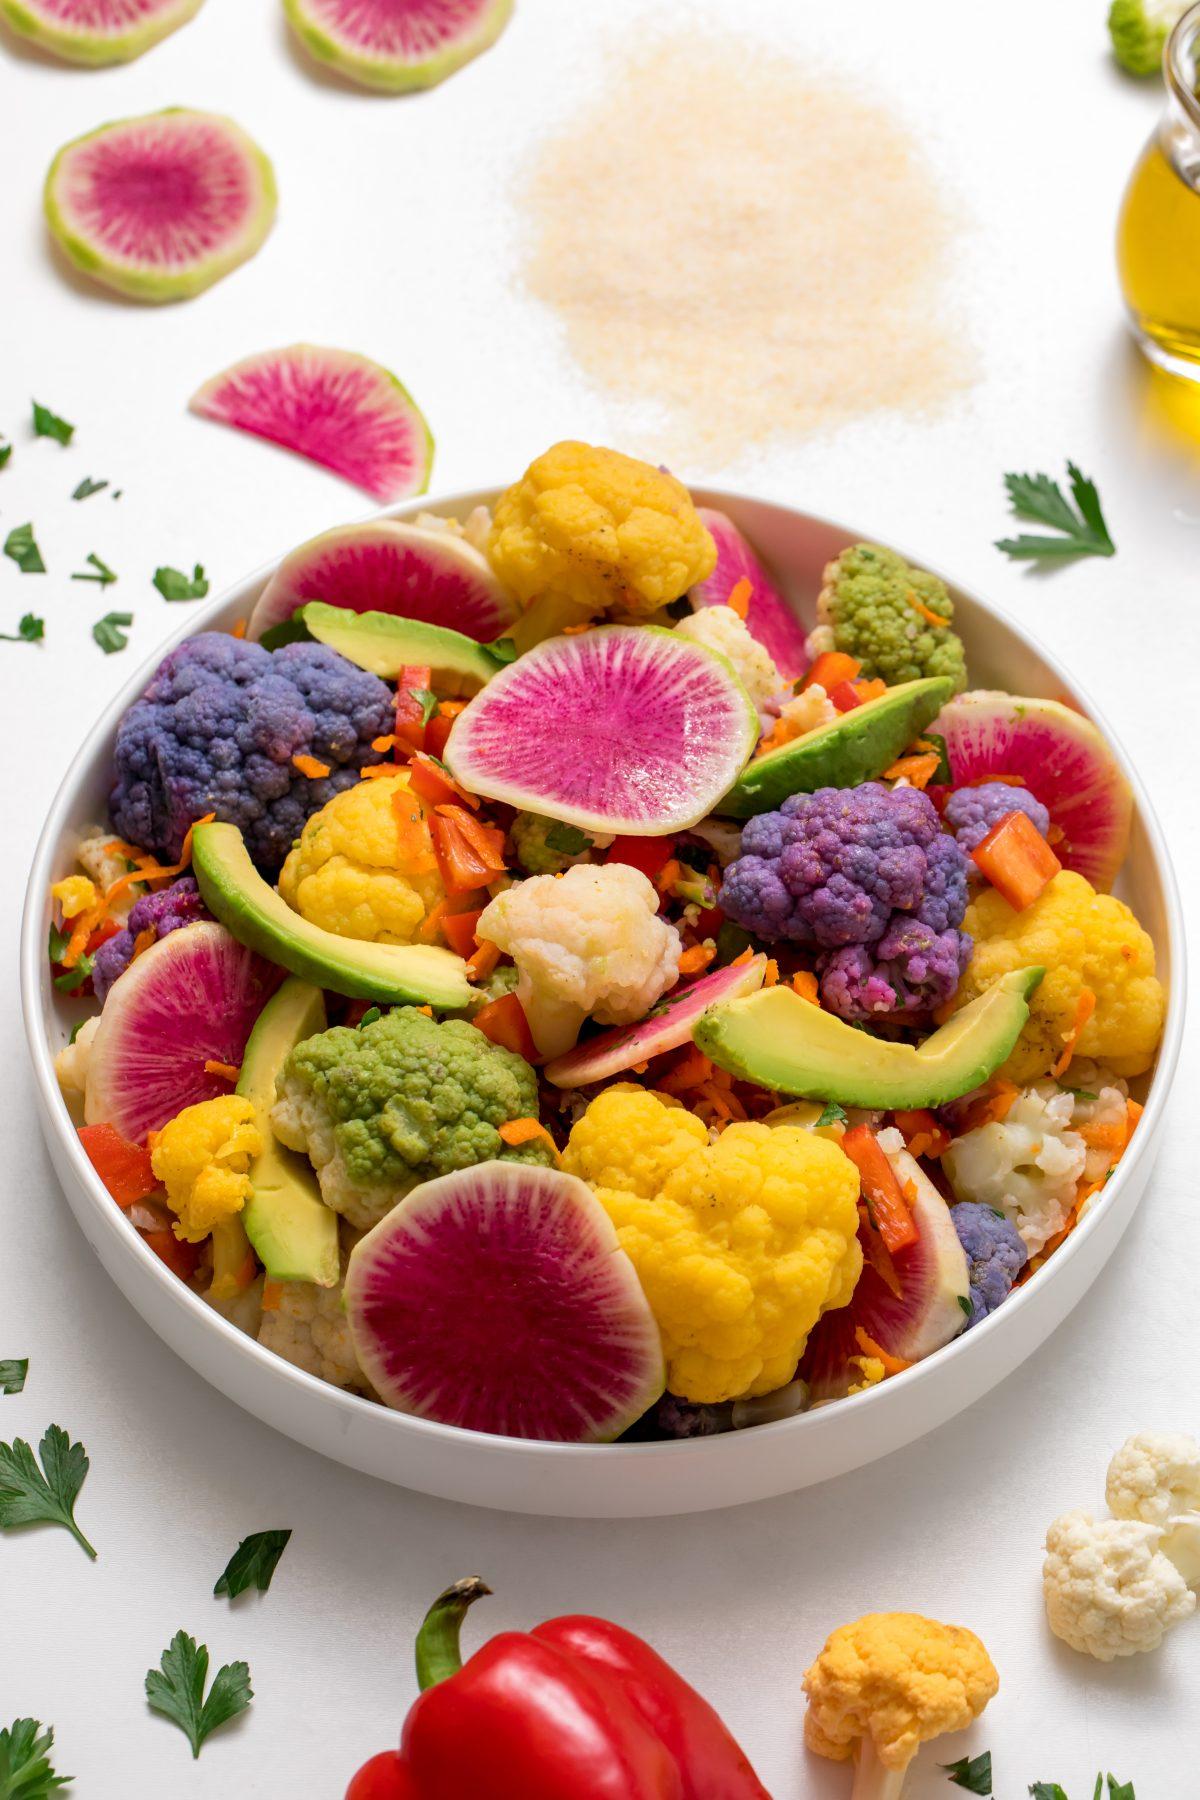 5D4B2195 - Farmer's Market Cauliflower Salad